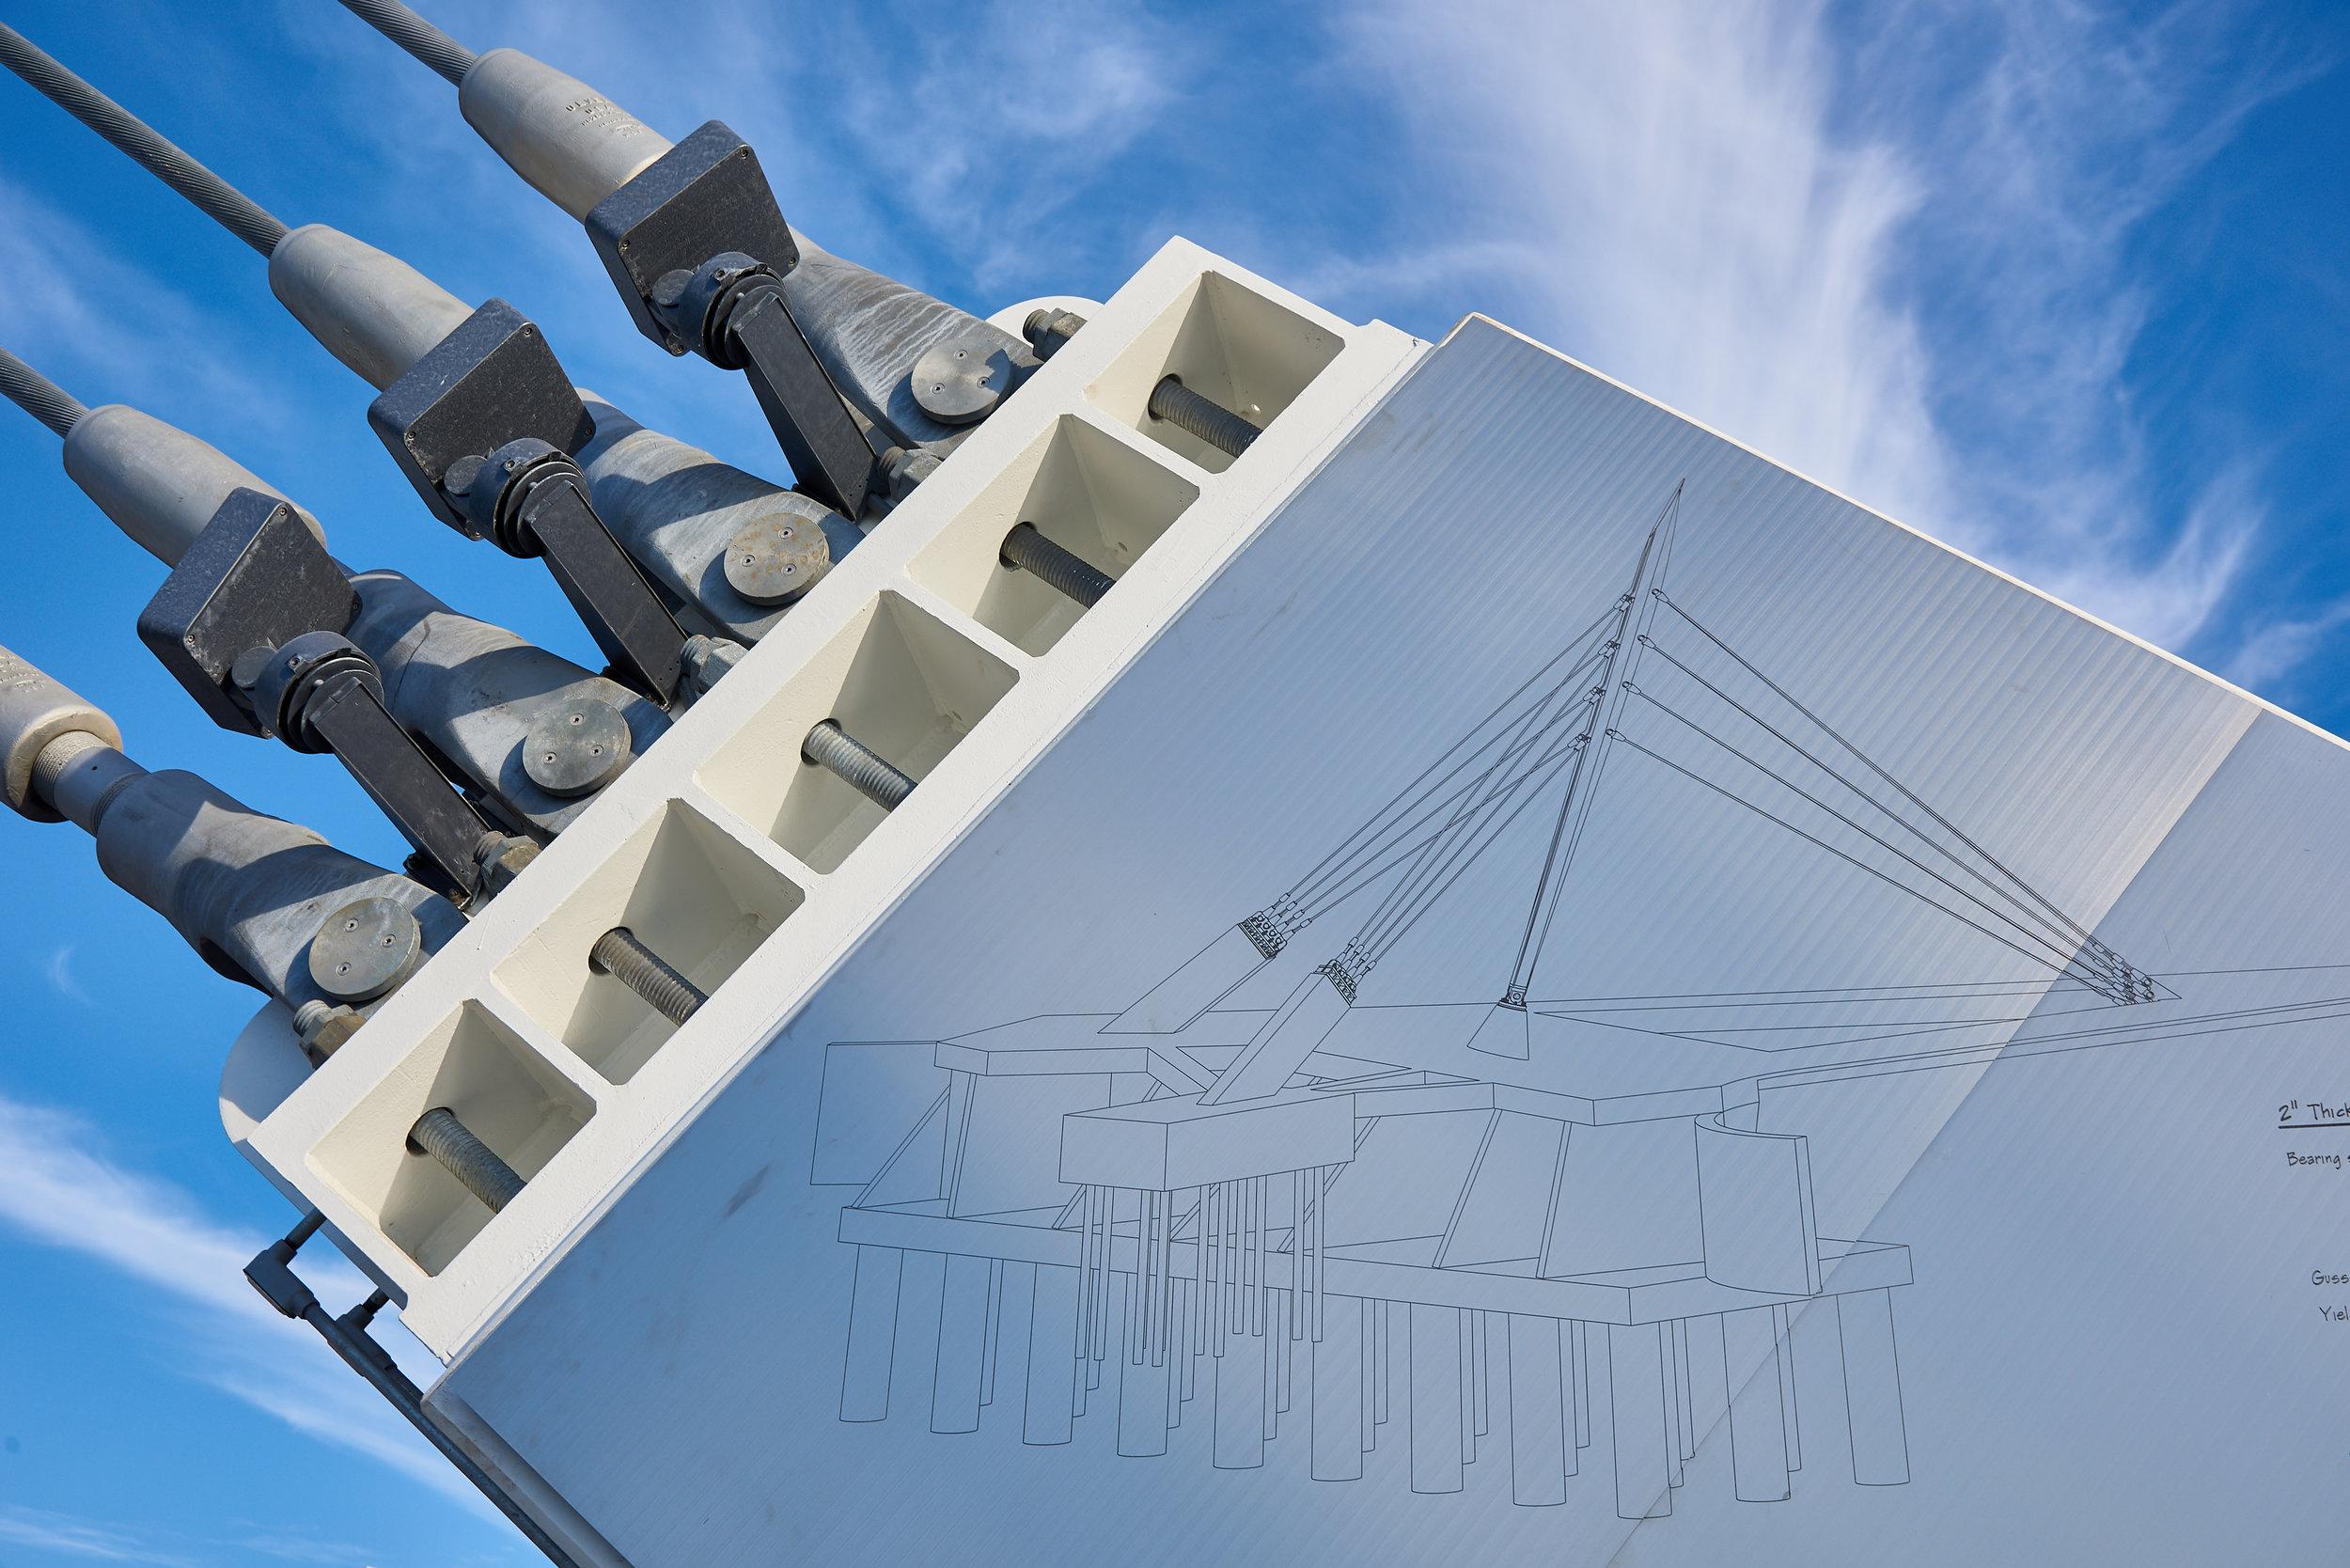 vancouver_waterfront park pier_larry kirkland_public art services_j grant projects_44.jpg